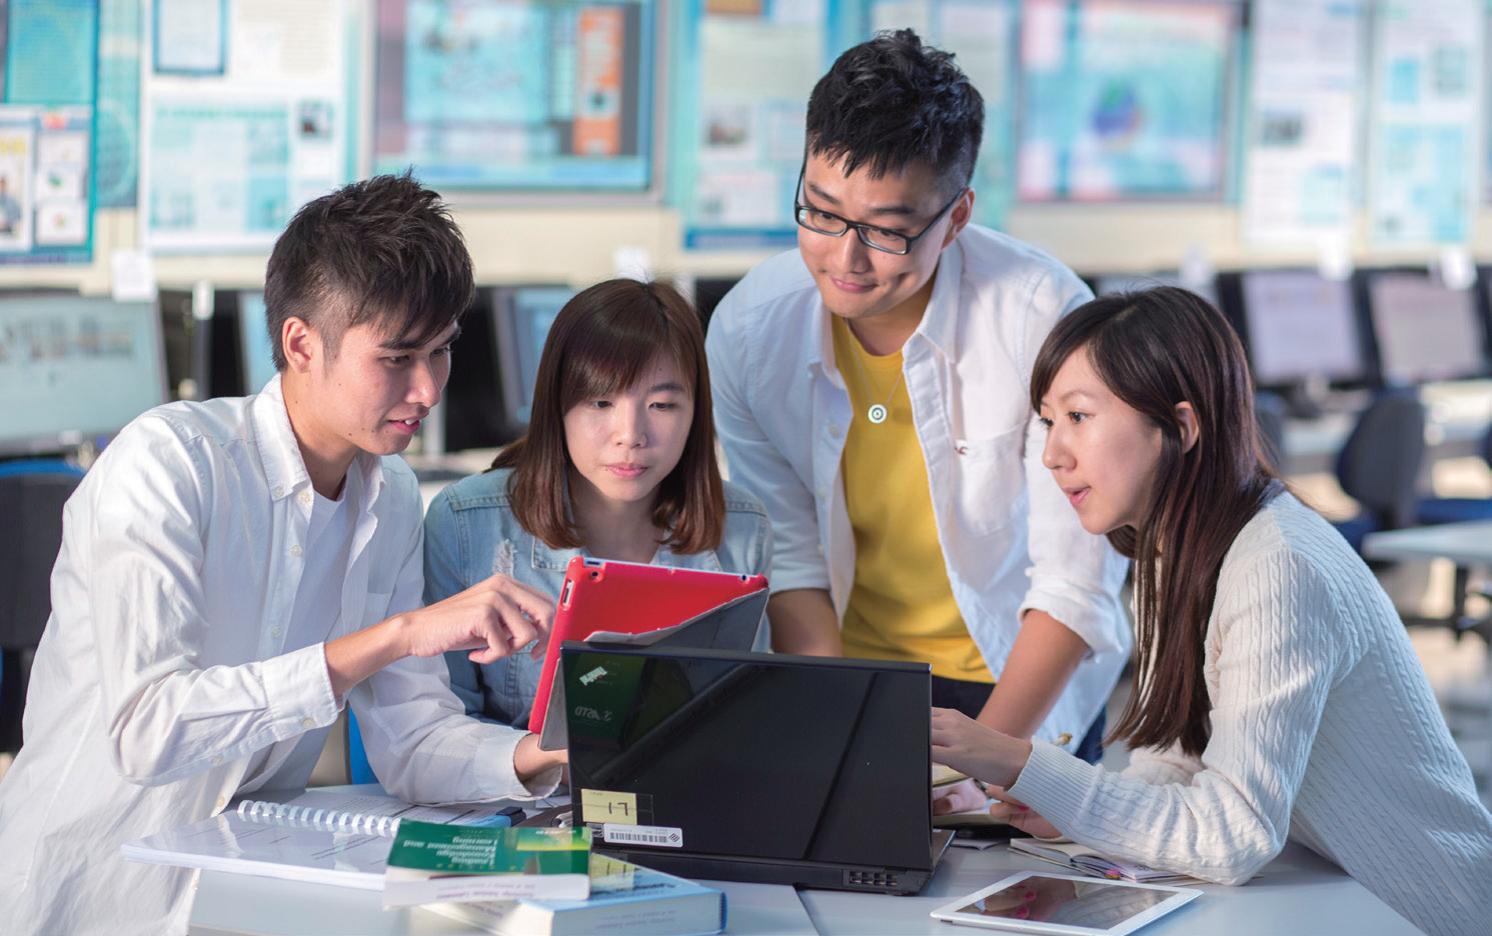 學系集工程學、資訊科 技、市場學及商業管理 於一身,學生將知識融 會貫通,工作前景亮麗。